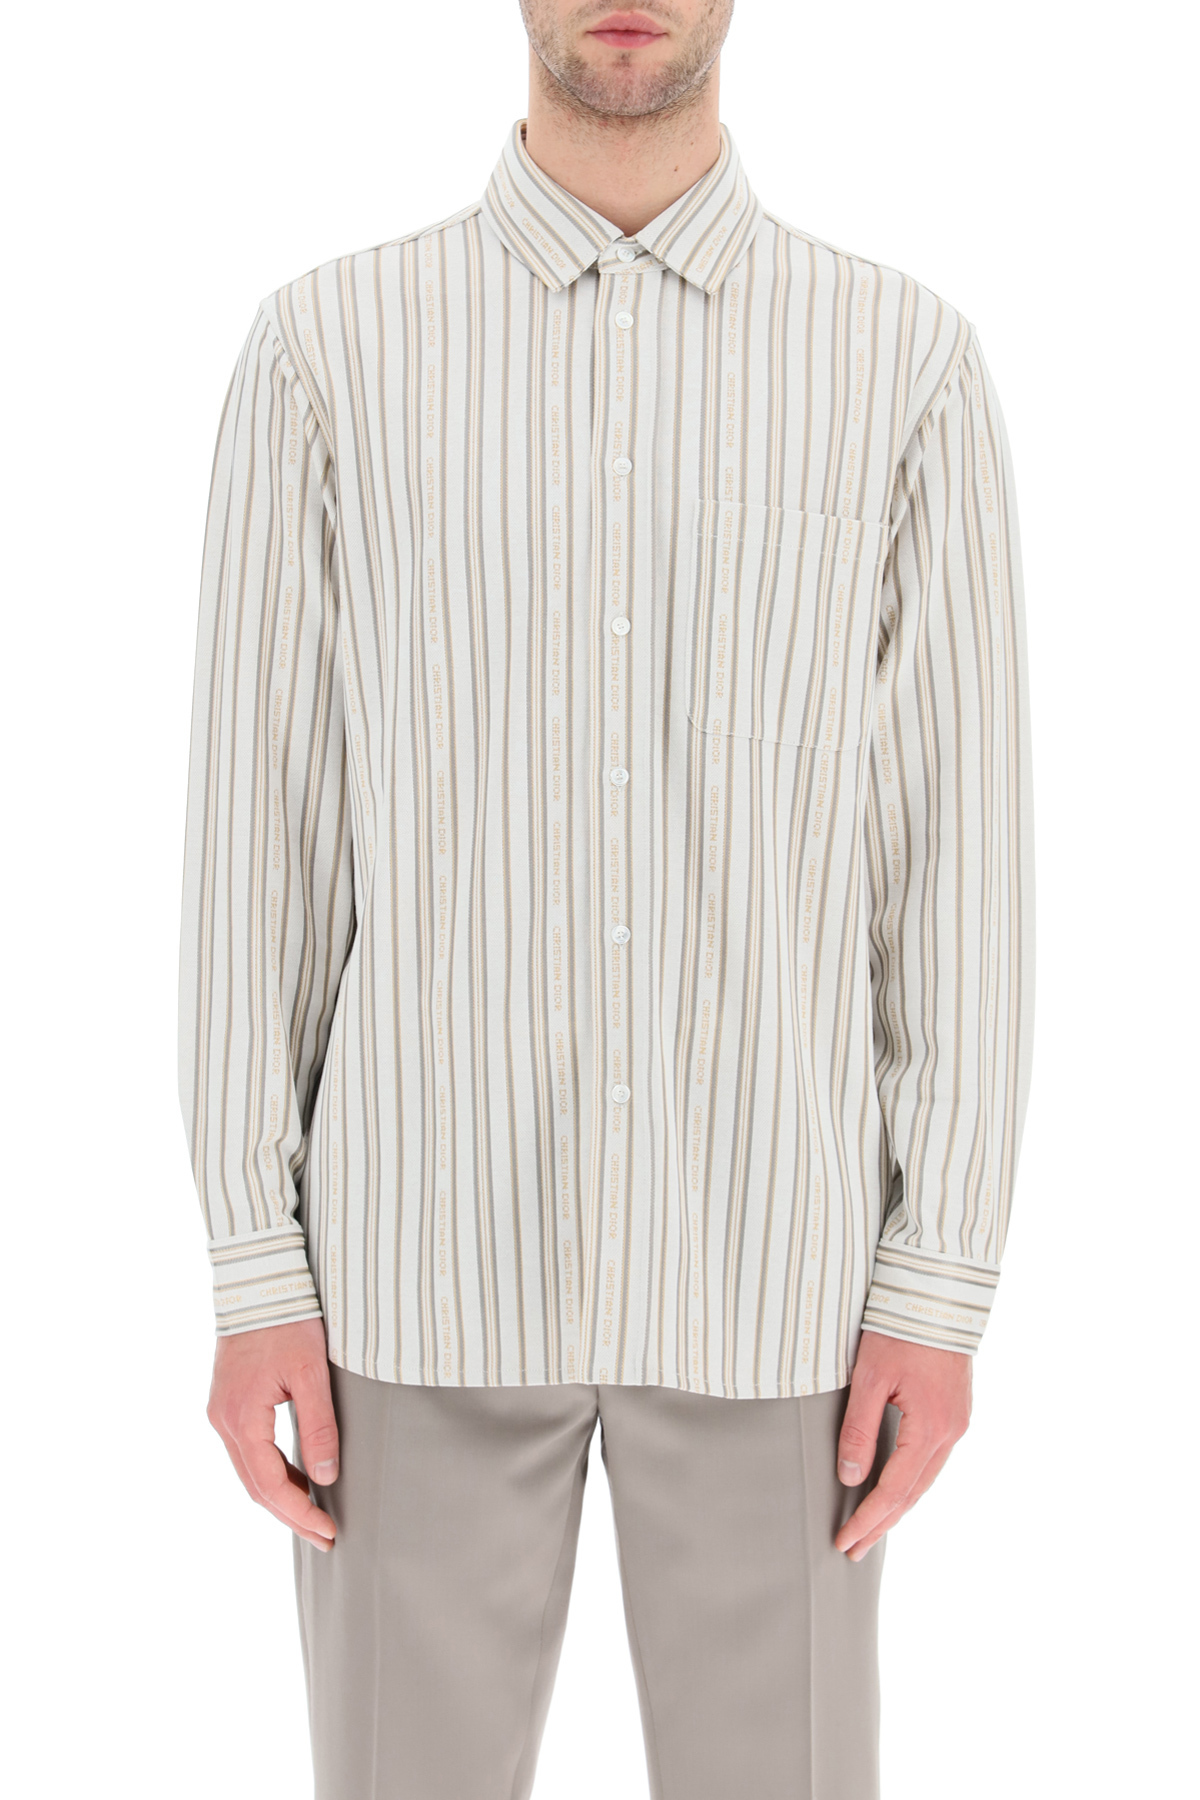 Dior camicia in jersey di cotone tecnico christian dior